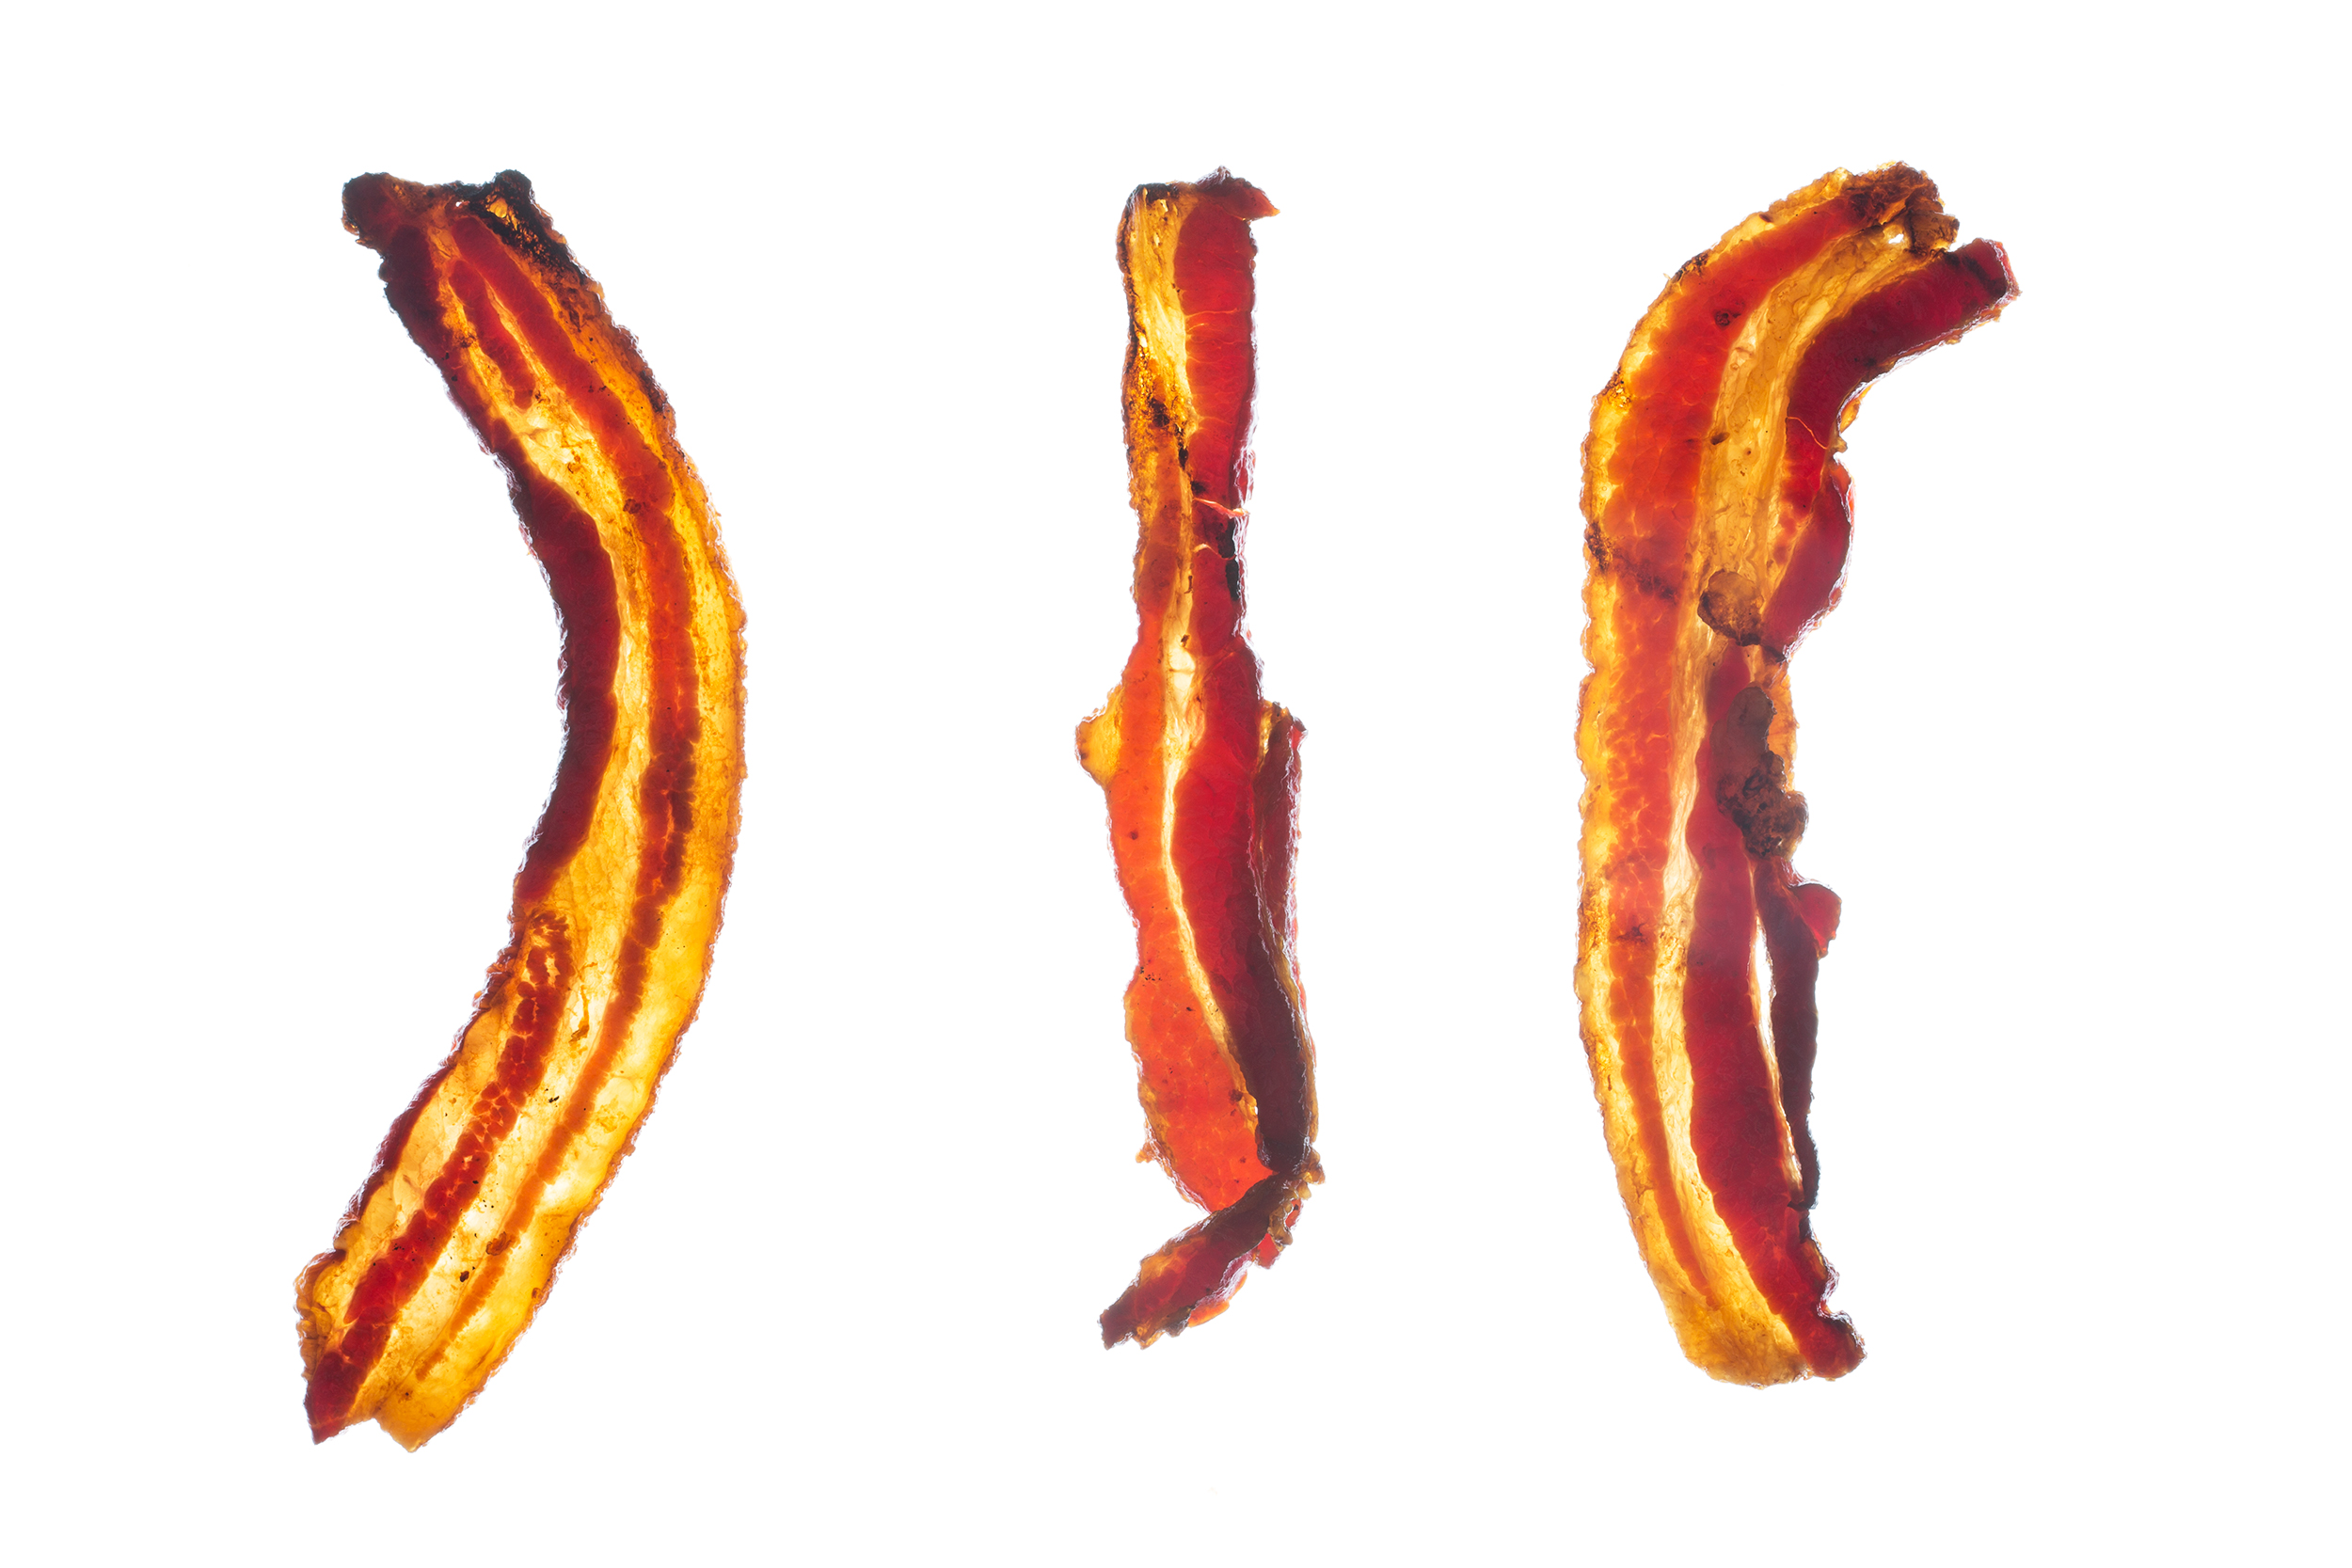 Translucent Bacon